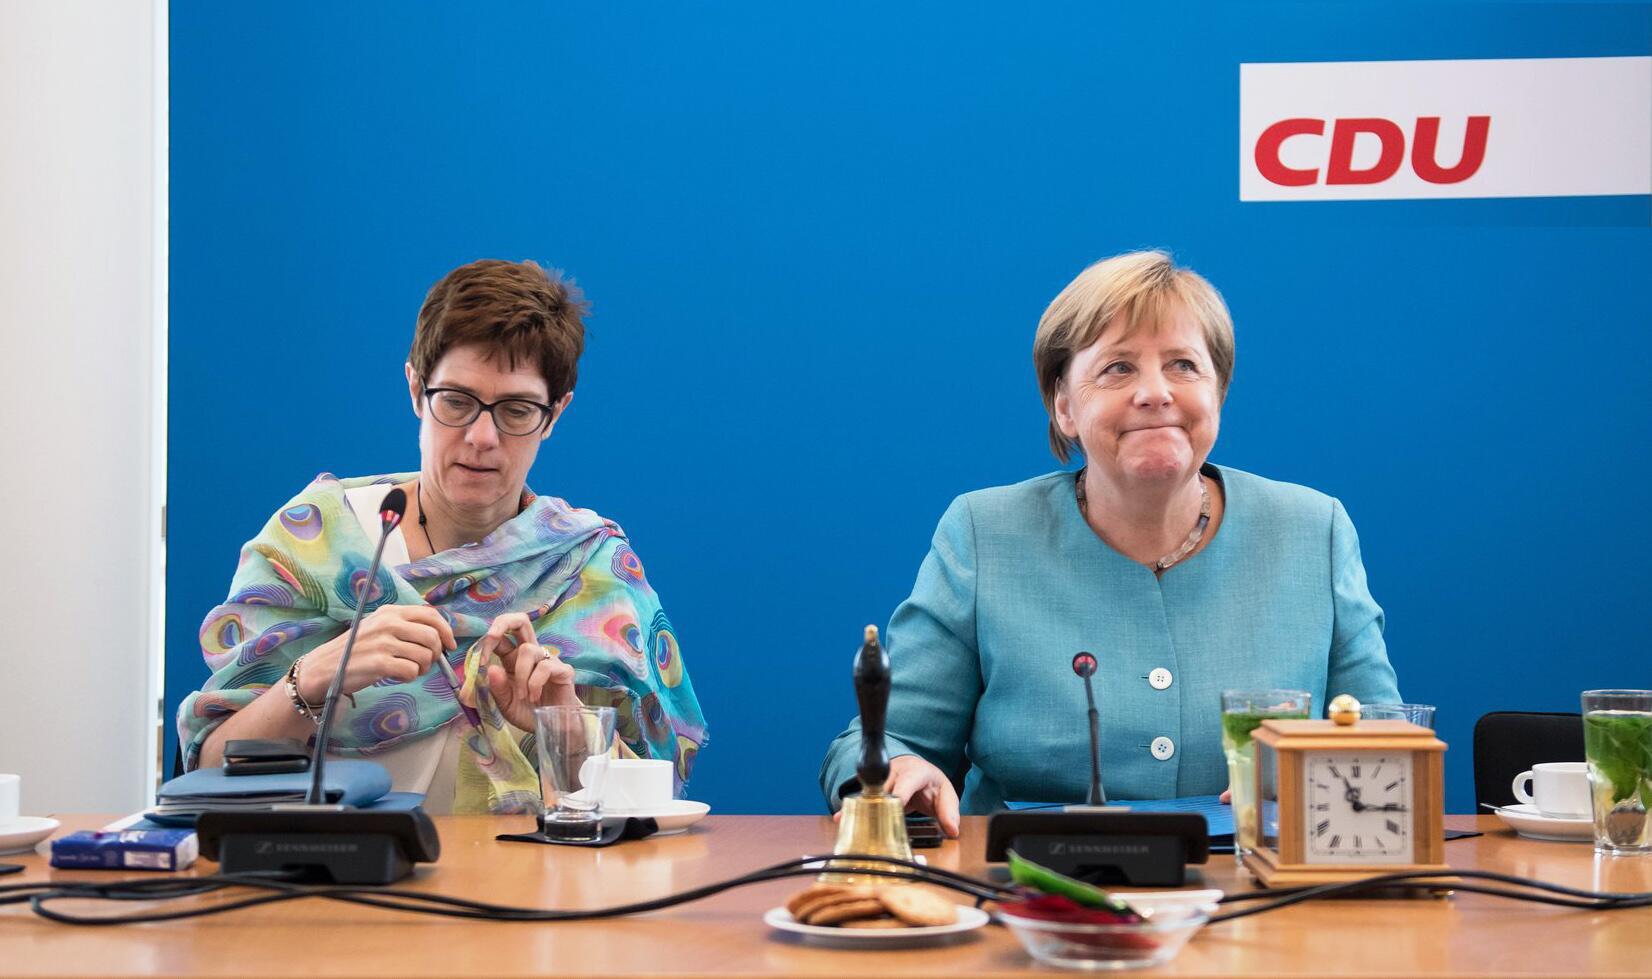 Bild zu CDU Federal Board Meeting in Berlin